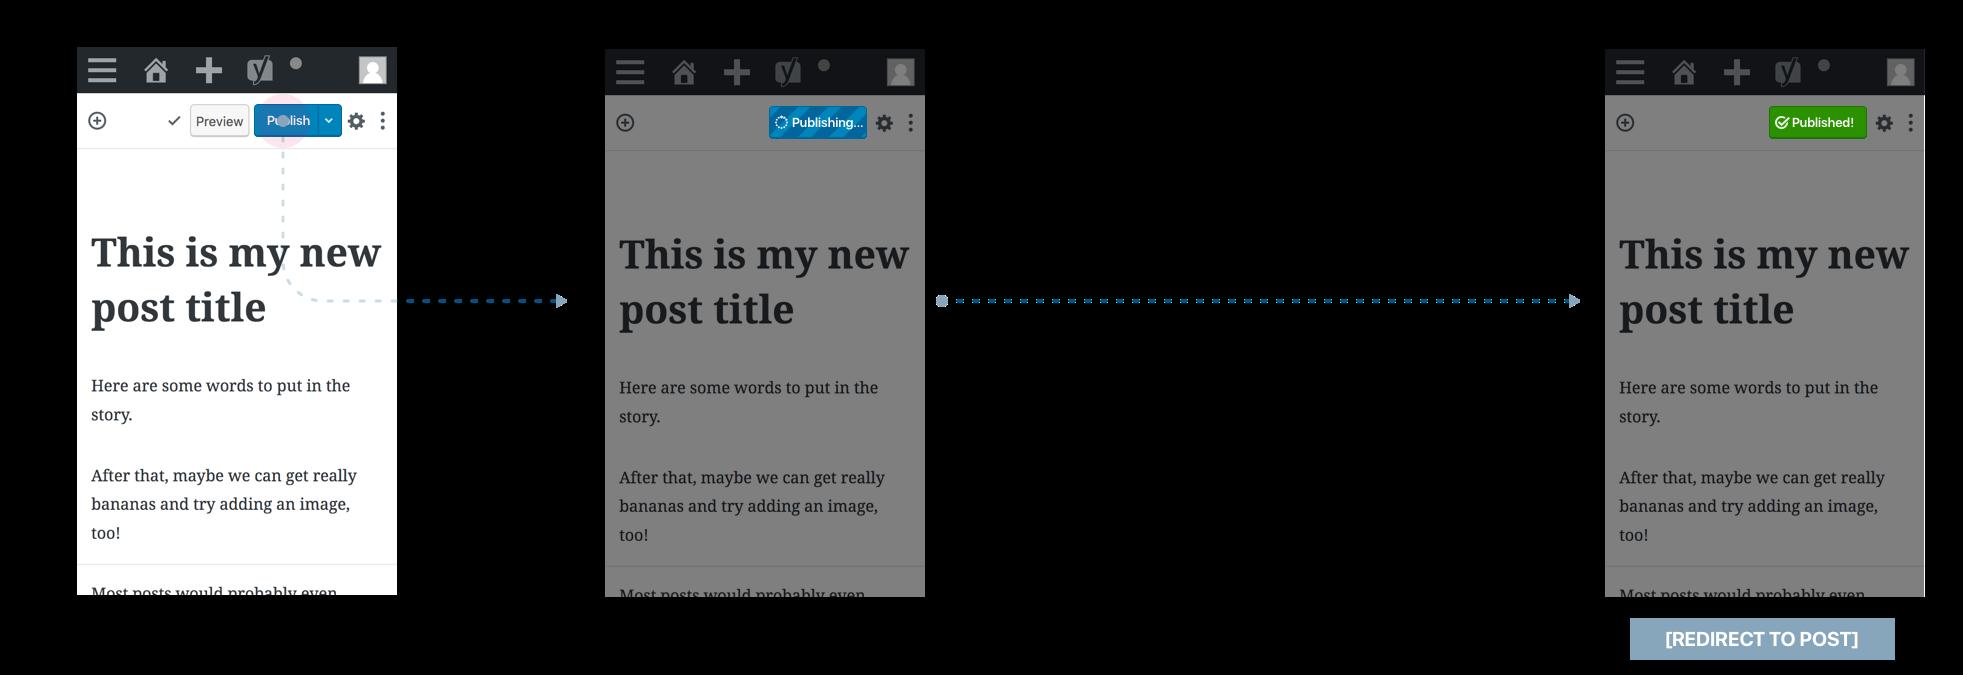 pre-publish skip